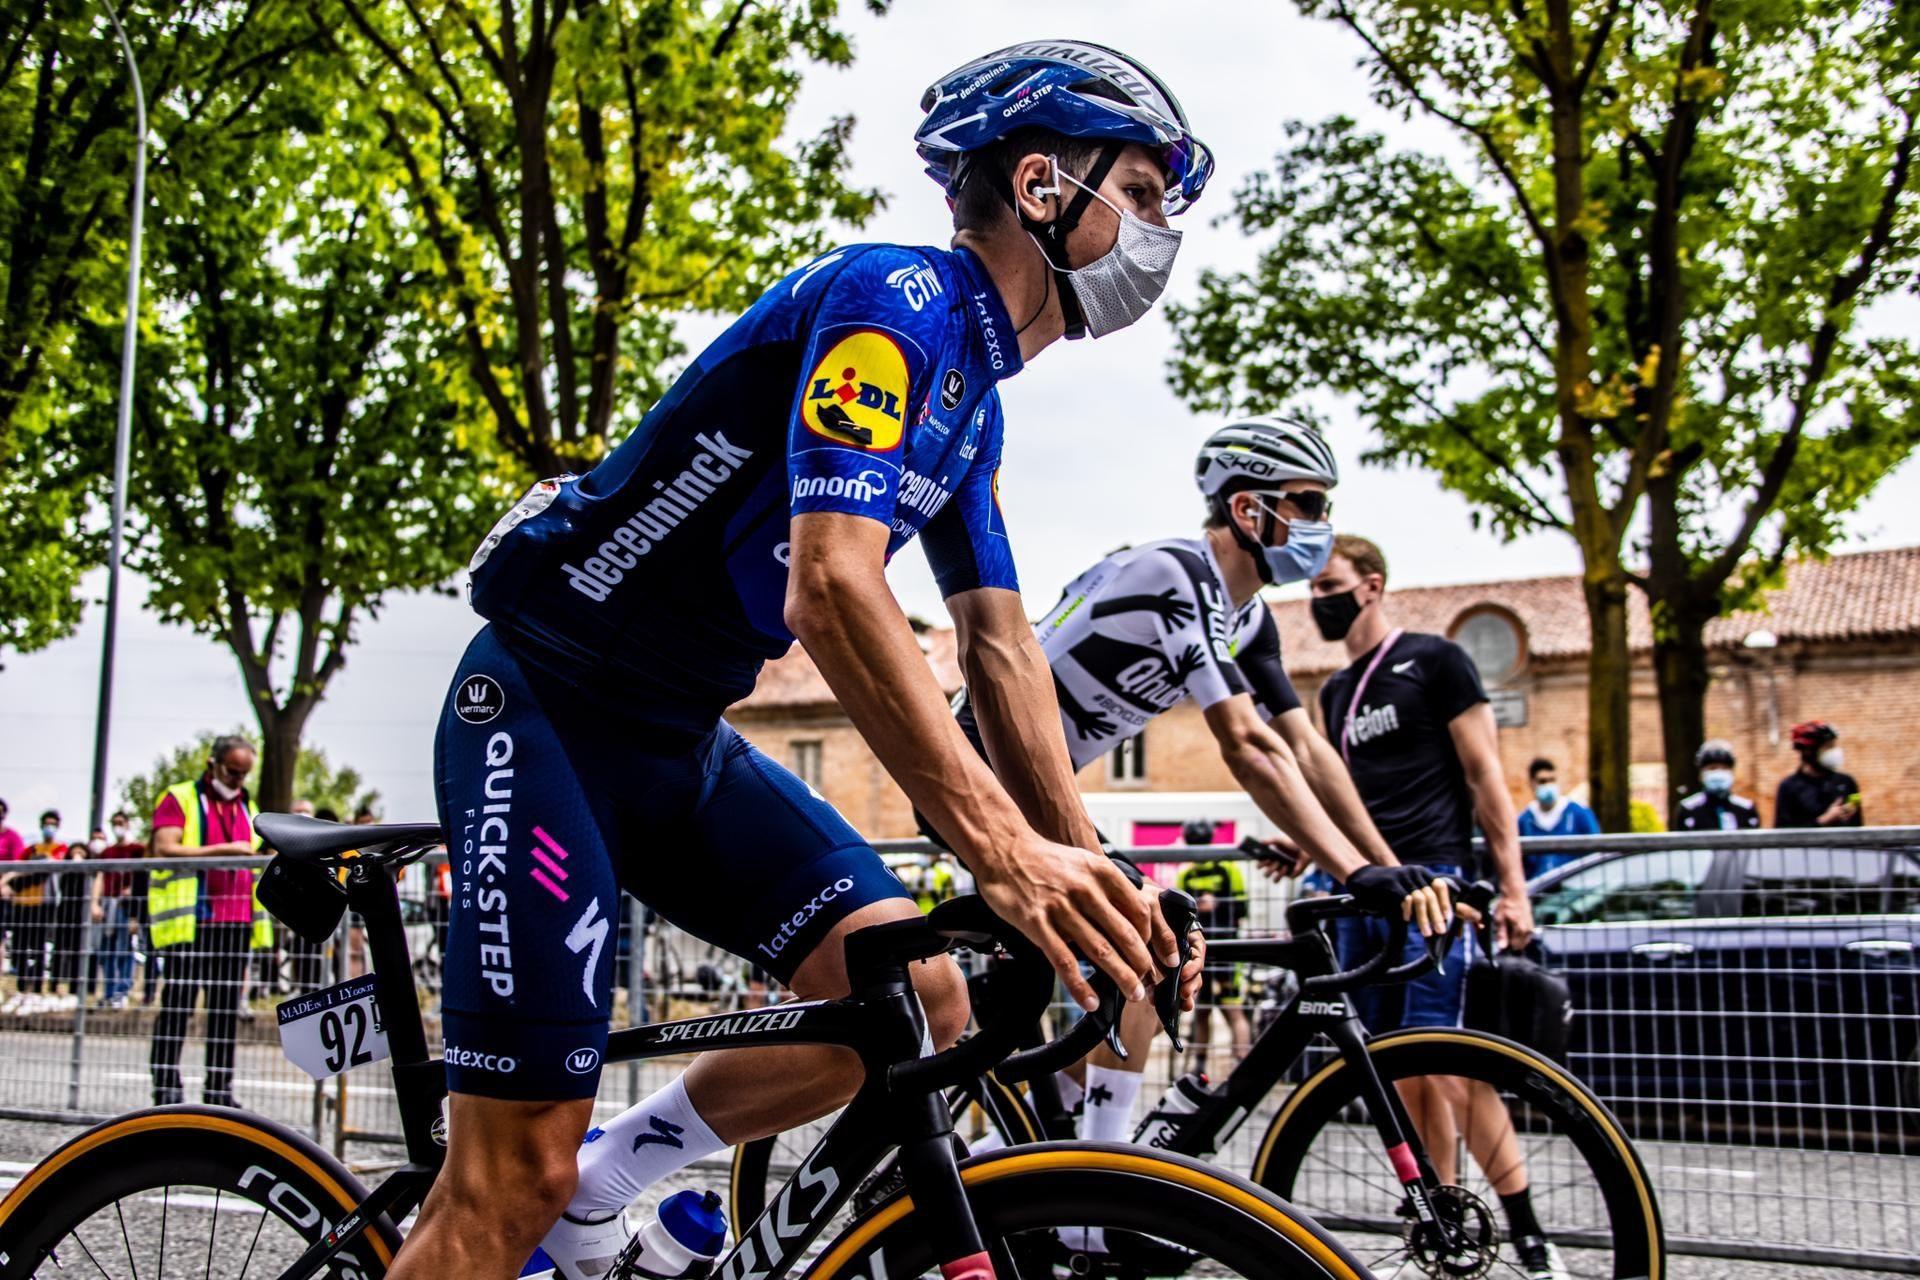 Лучшие фото со второго этапа «Джиро д'Италия  — 2021»